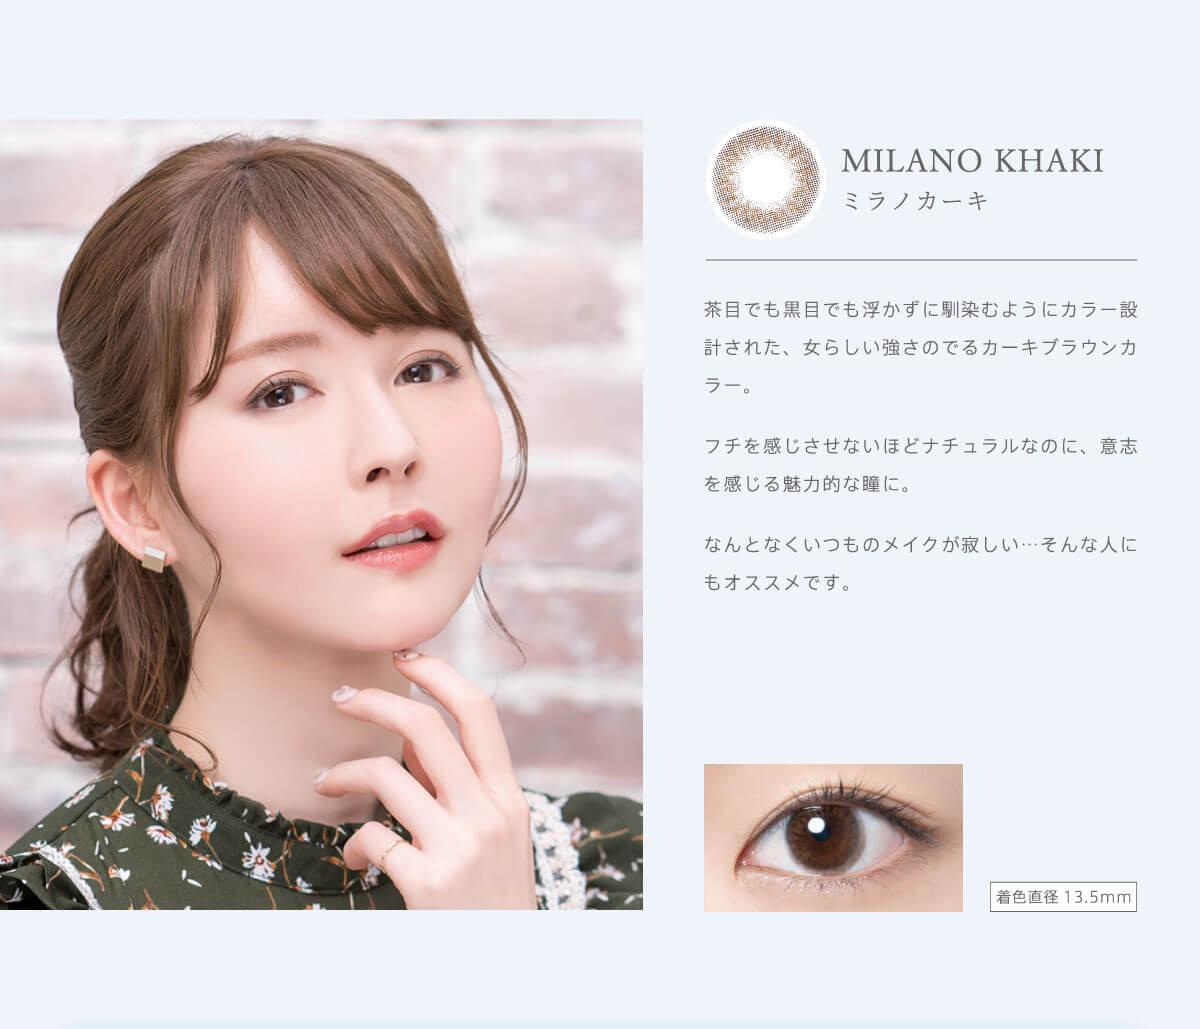 RICH STANDARD Premium -リッチスタンダードプレミアム|MILANO KHAKI-ミラノカーキ 茶目でも黒目でも浮かずに馴染むようにカラー設計された、女らしい強さのでるカーキブラウンカラー。フチを感じさせないほどナチュラルなのに、意志を感じる魅力的な瞳に。なんとなくいつものメイクが寂しい…そんな人にもオススメです。着色直径13.5mm